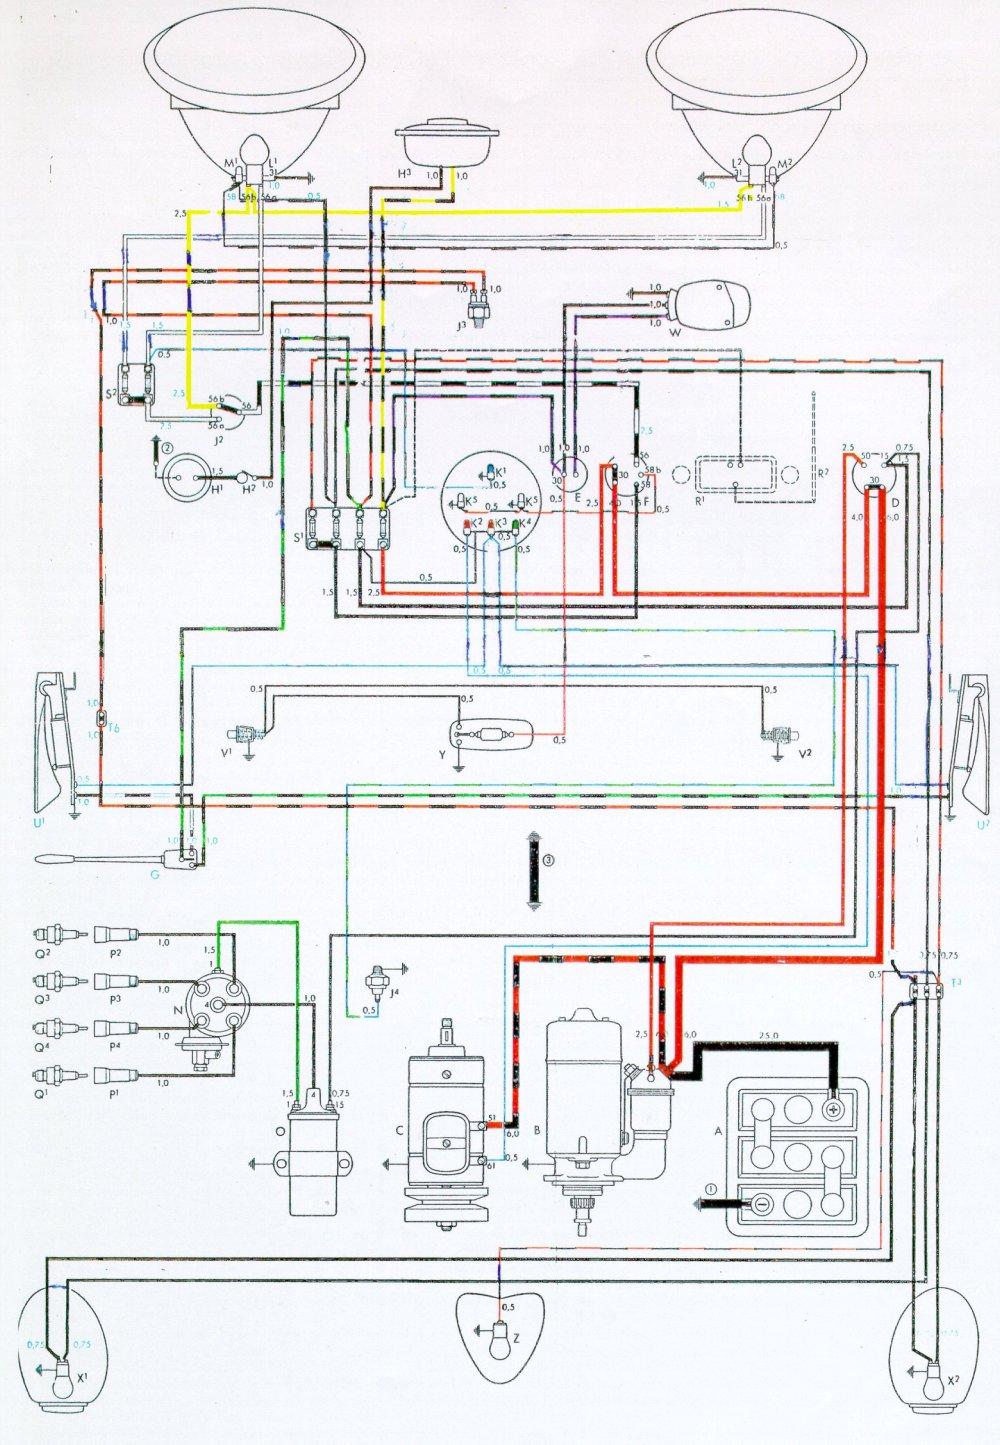 medium resolution of 1974 vw beetle fuse box 1974 vw beetle wiring diagram 1974 vw beetle engine diagram 1974